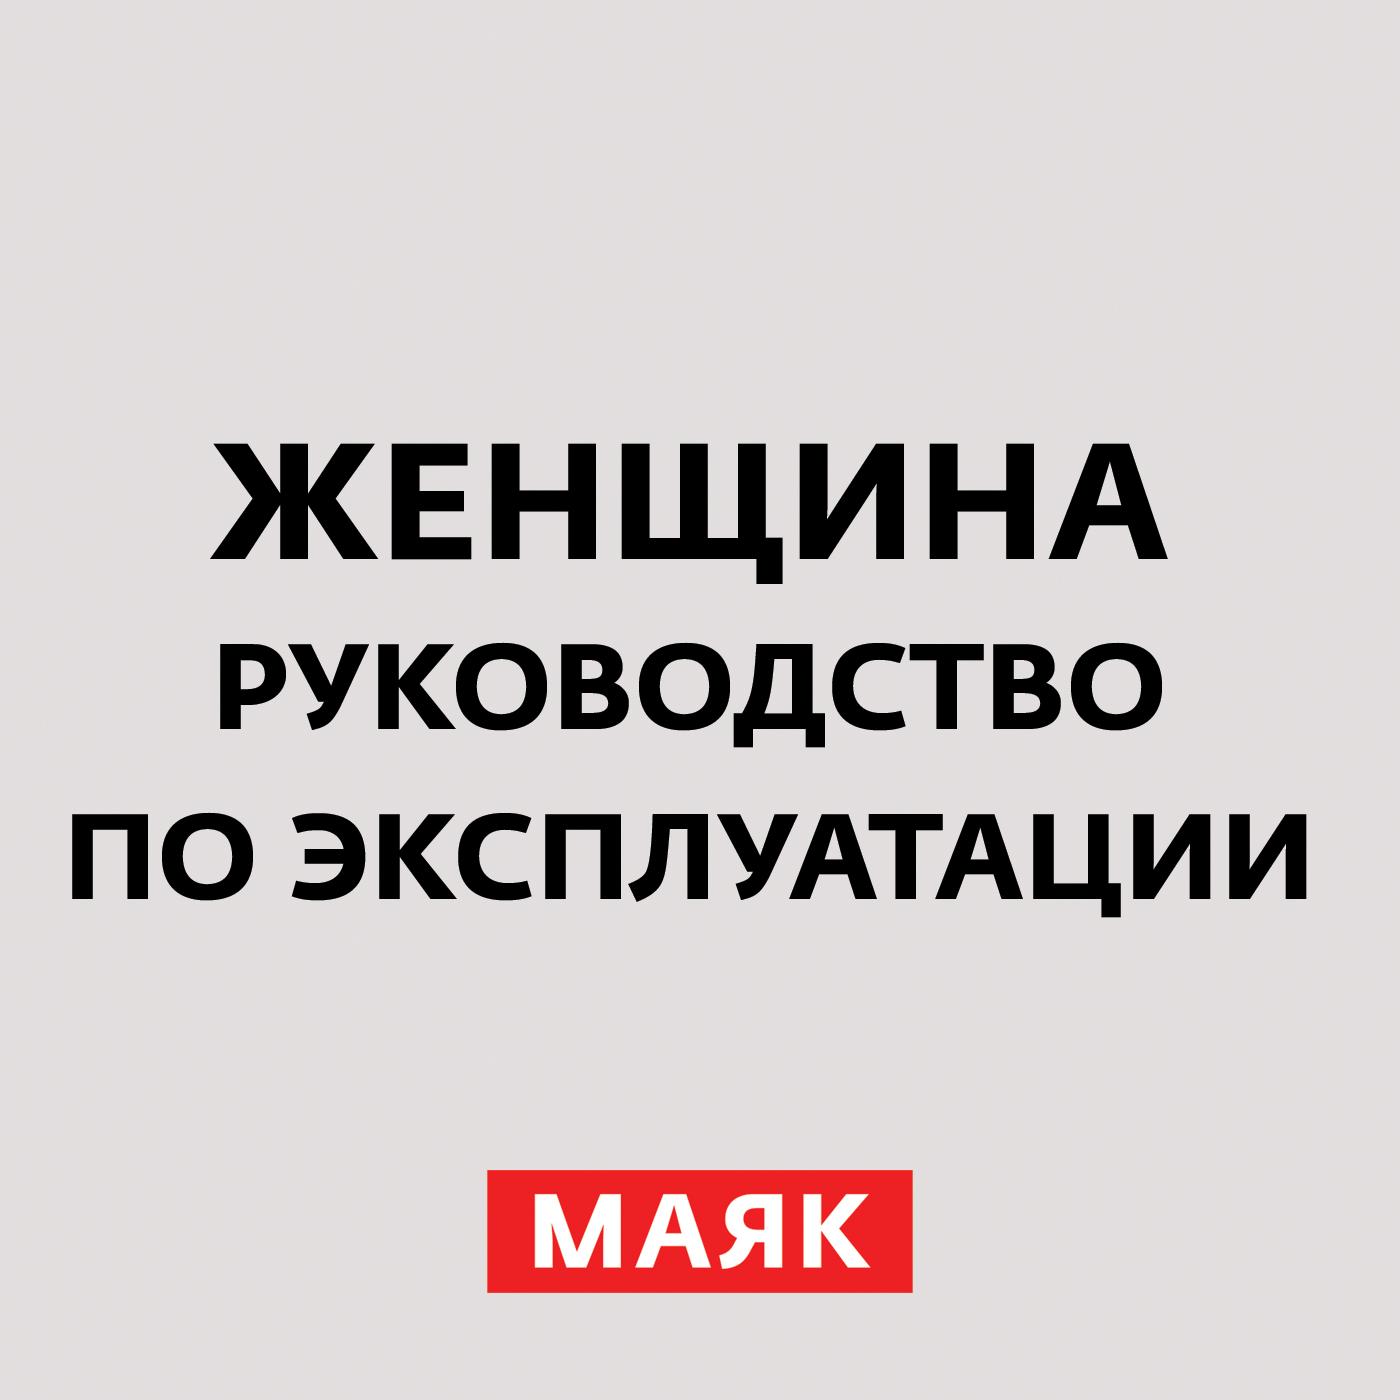 Творческий коллектив радио «Маяк» Свободные отношения творческий коллектив радио маяк распутин продолжение